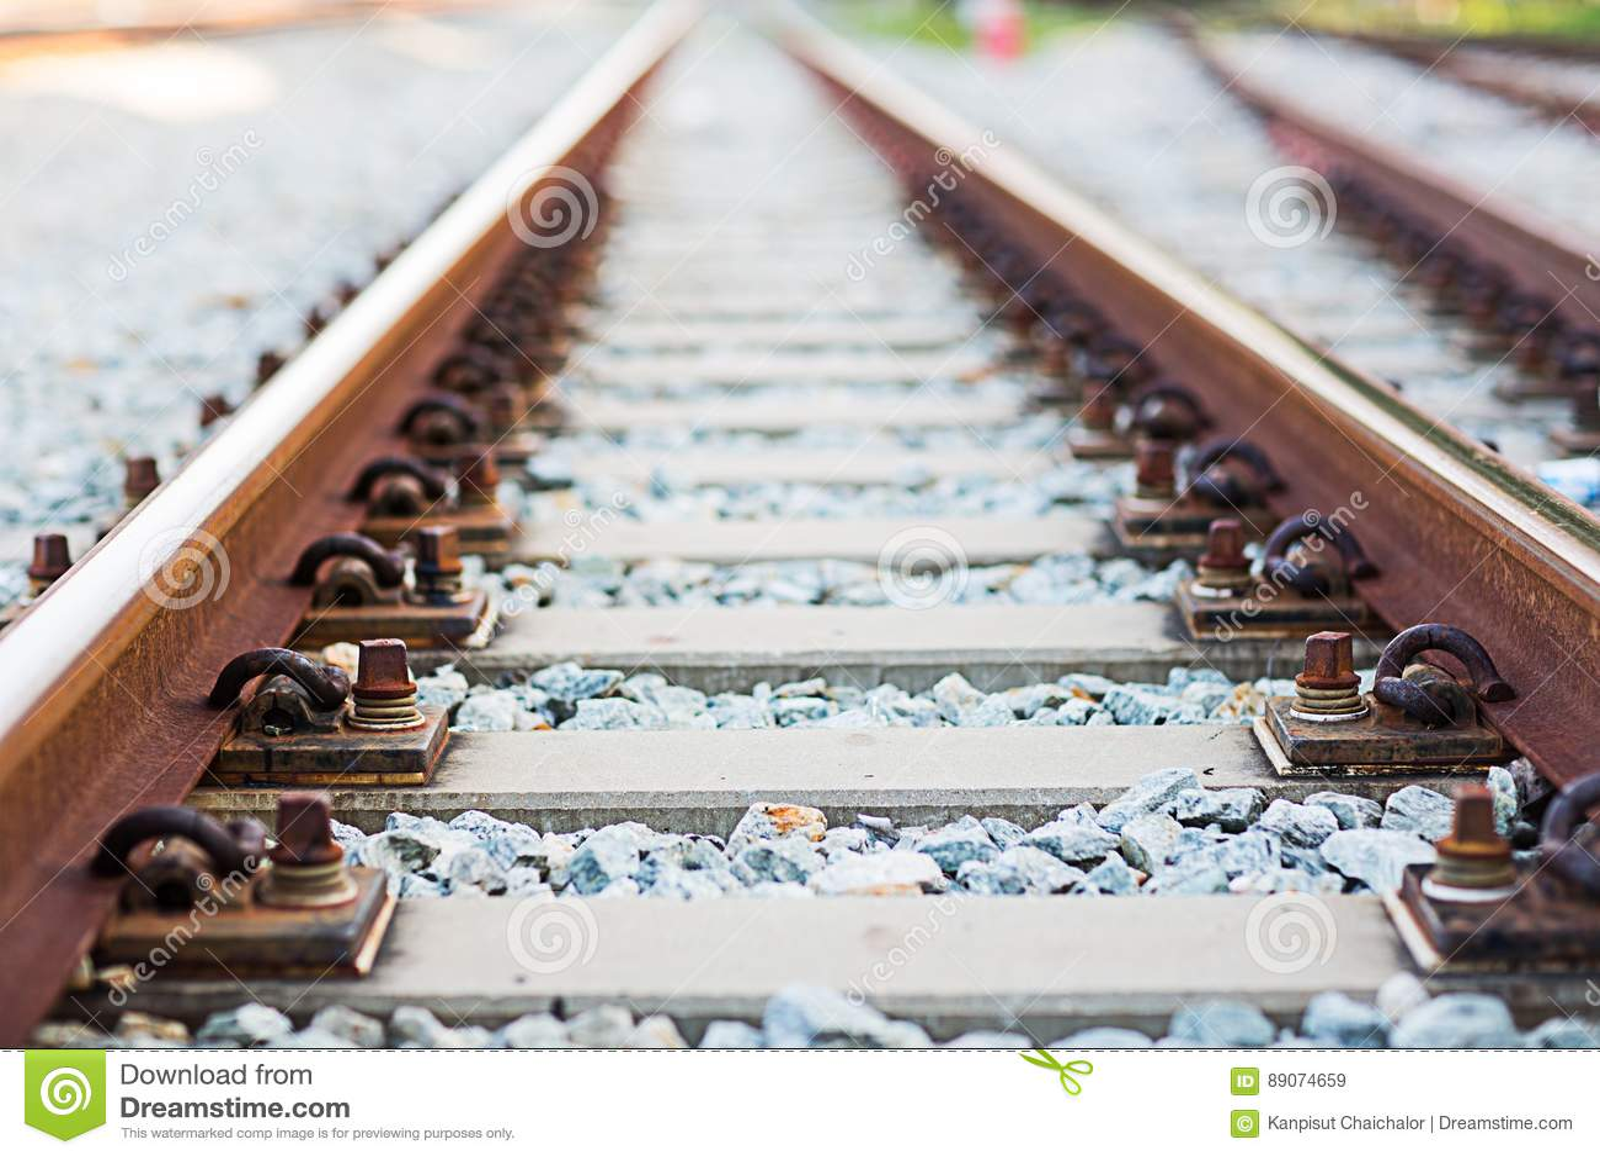 关闭路轨联接,有透视线的路轨船锚从铁轨